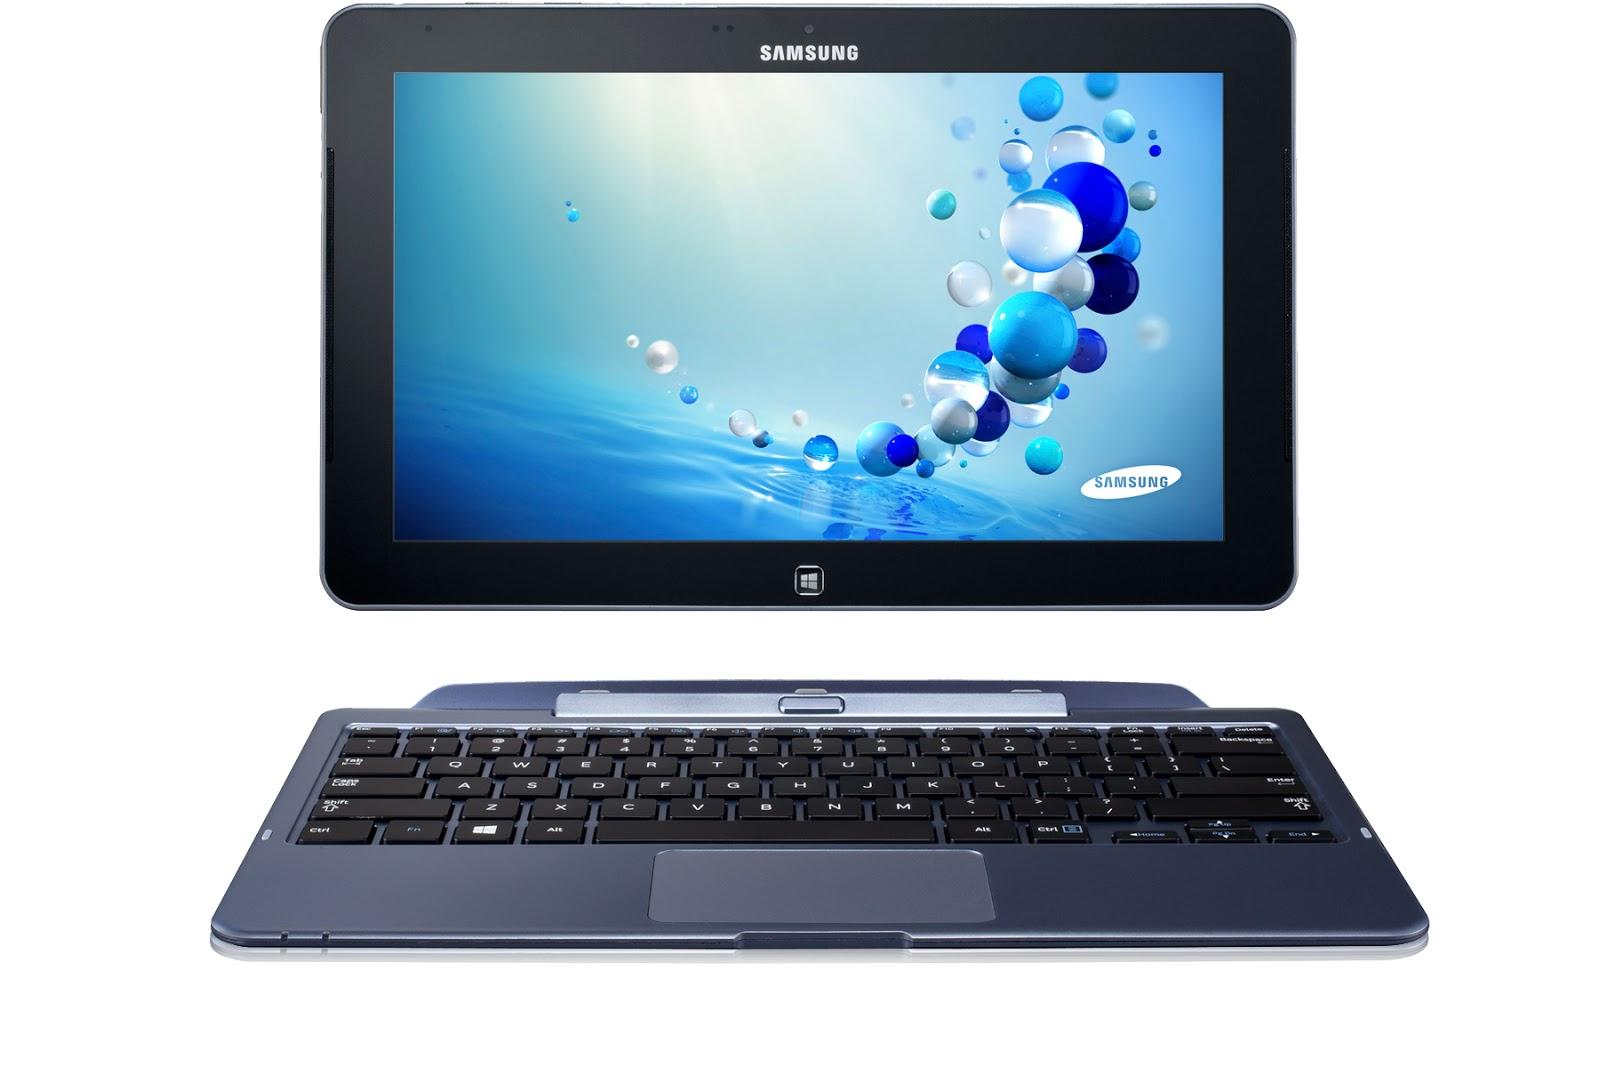 Balance Ativ Samsung Smart